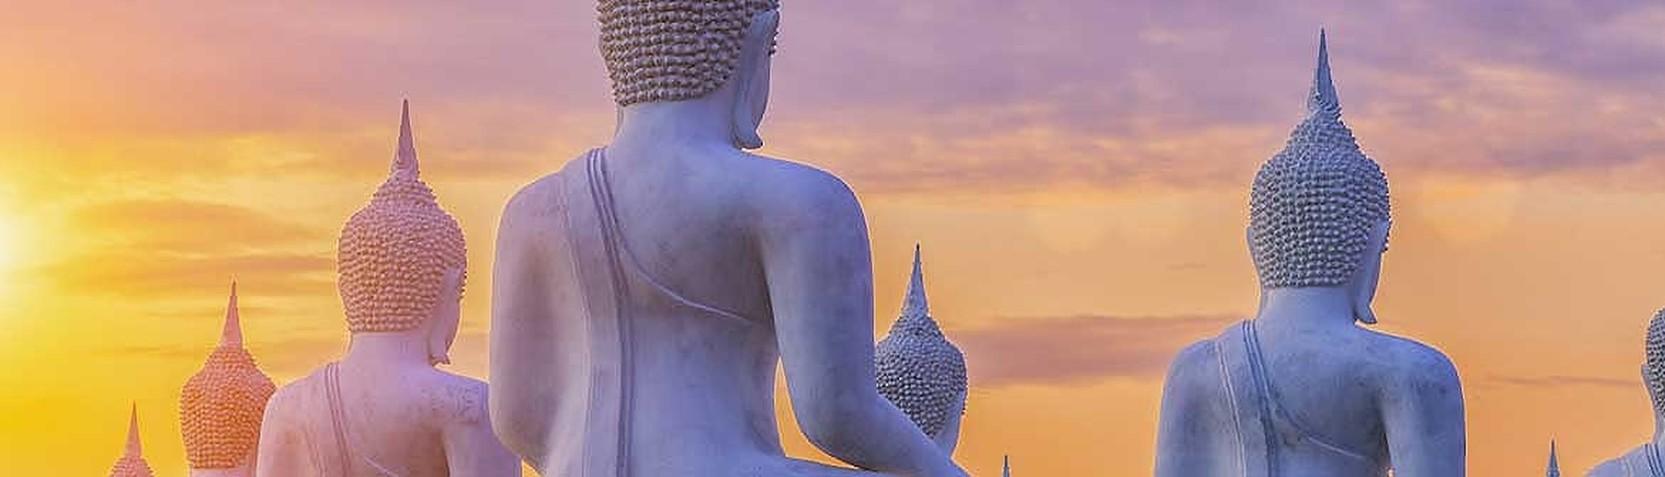 Fotografi - Religion och andlighet